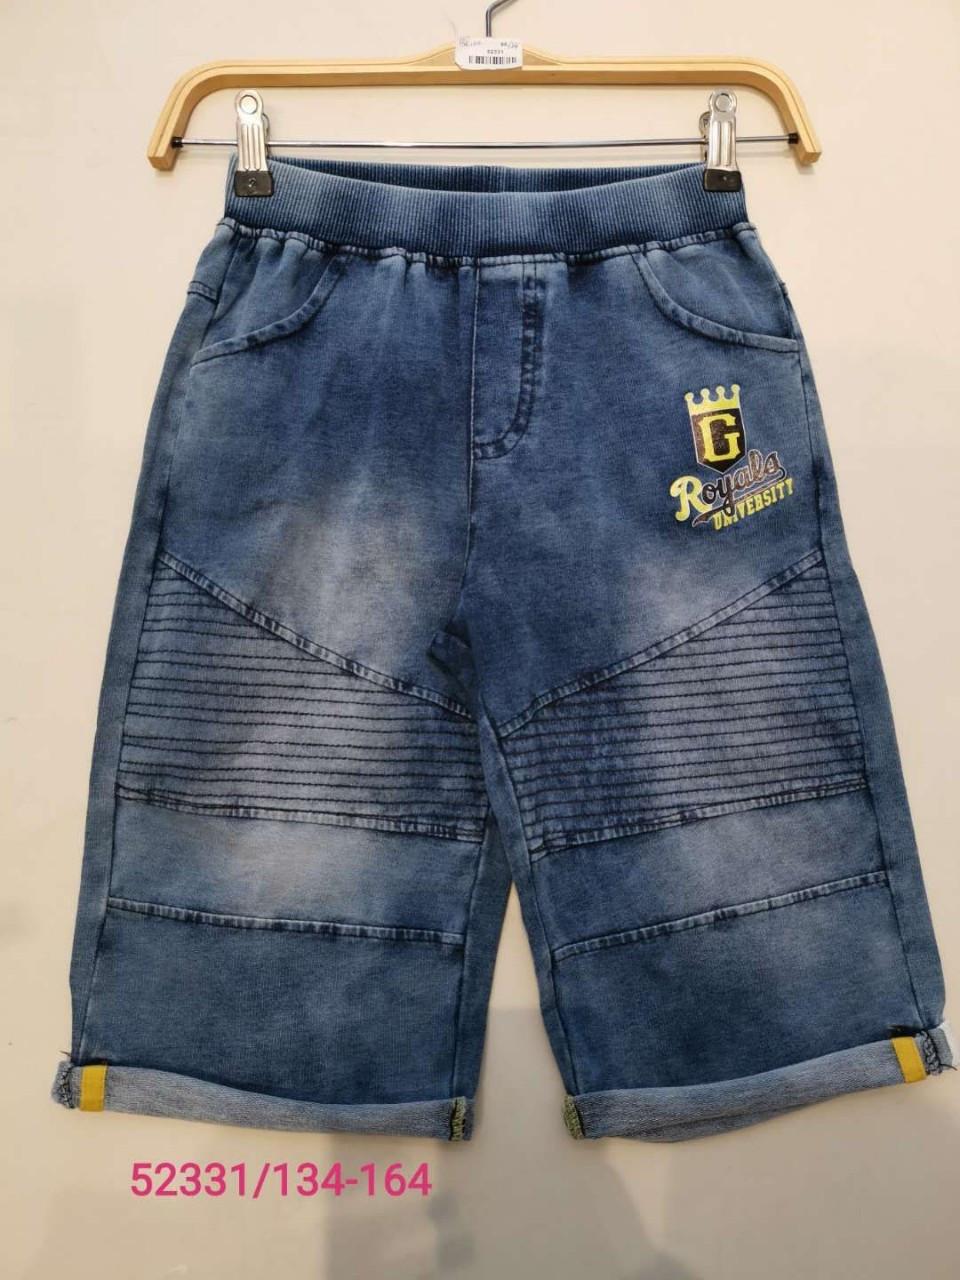 Шорты джинсовые для мальчиков опт , Seagull, размеры 134-164, арт. 52331